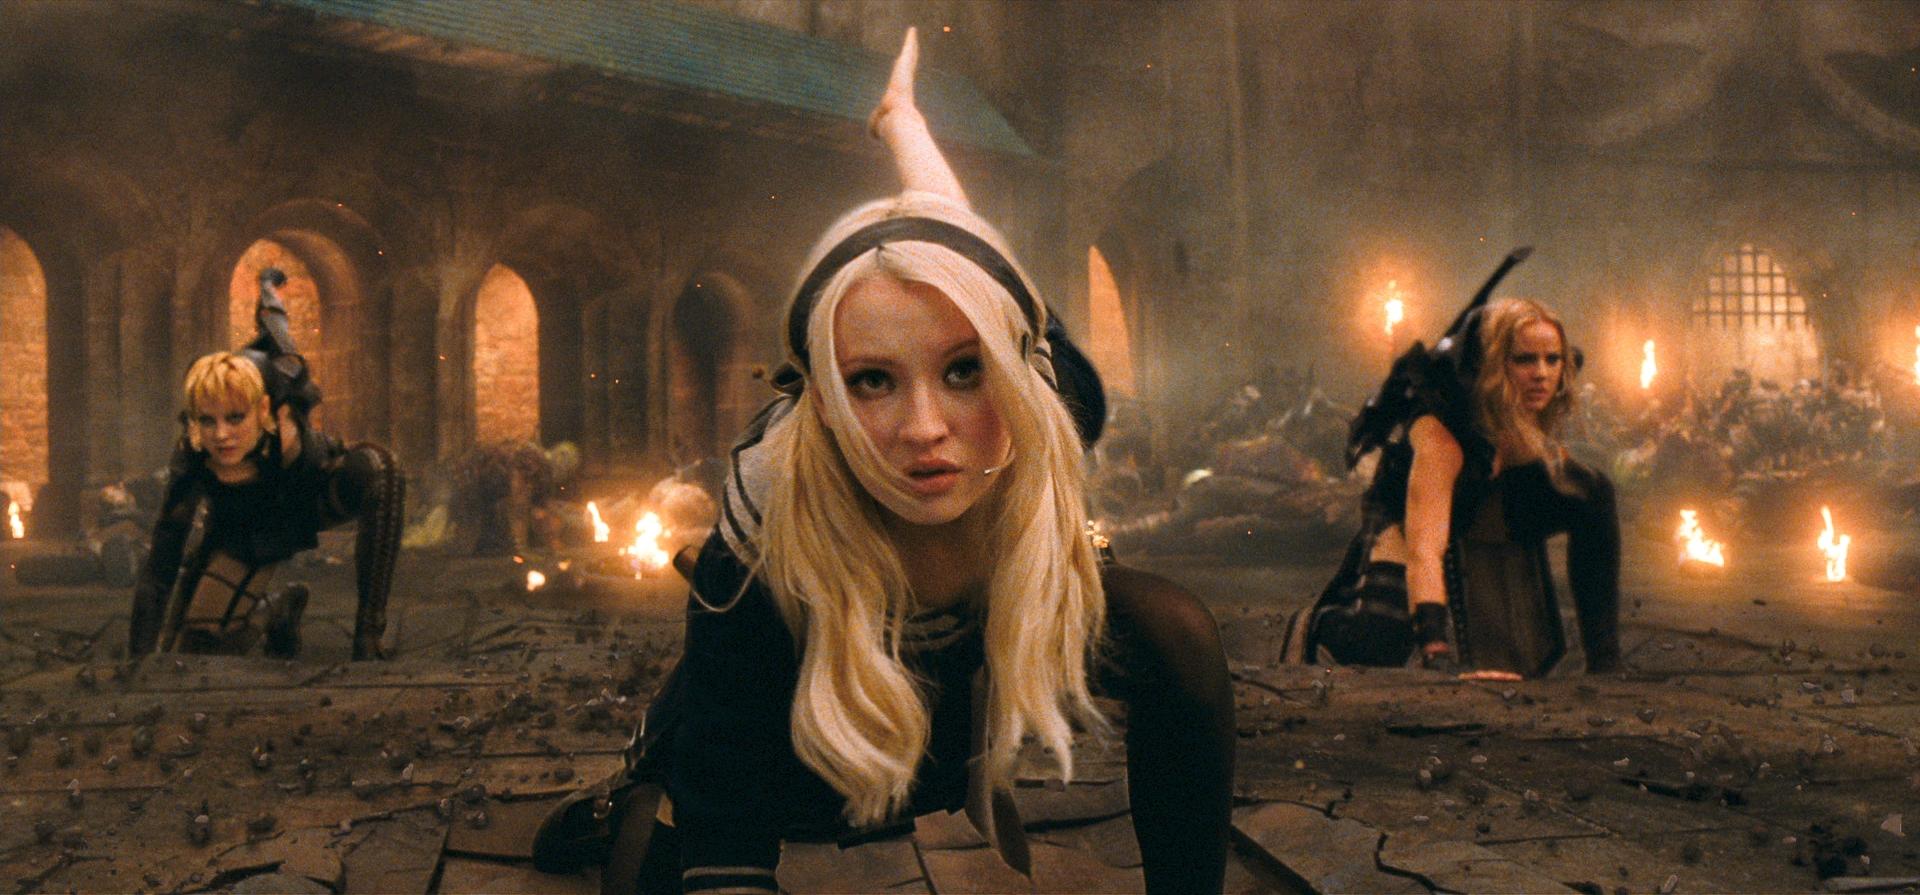 Alice Csodaországban géppuskákkal